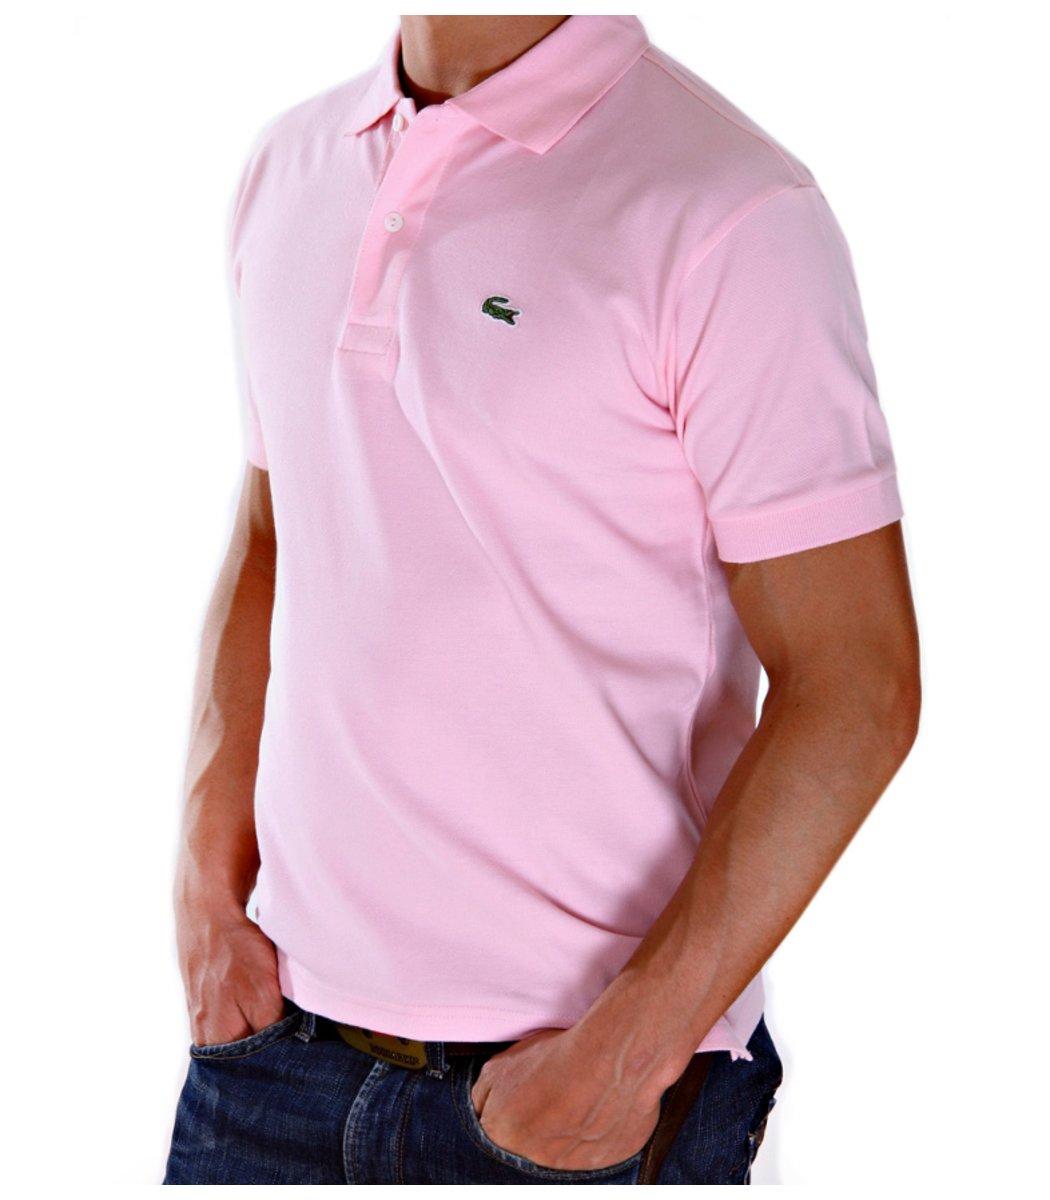 Светло-розовая футболка поло Lacoste